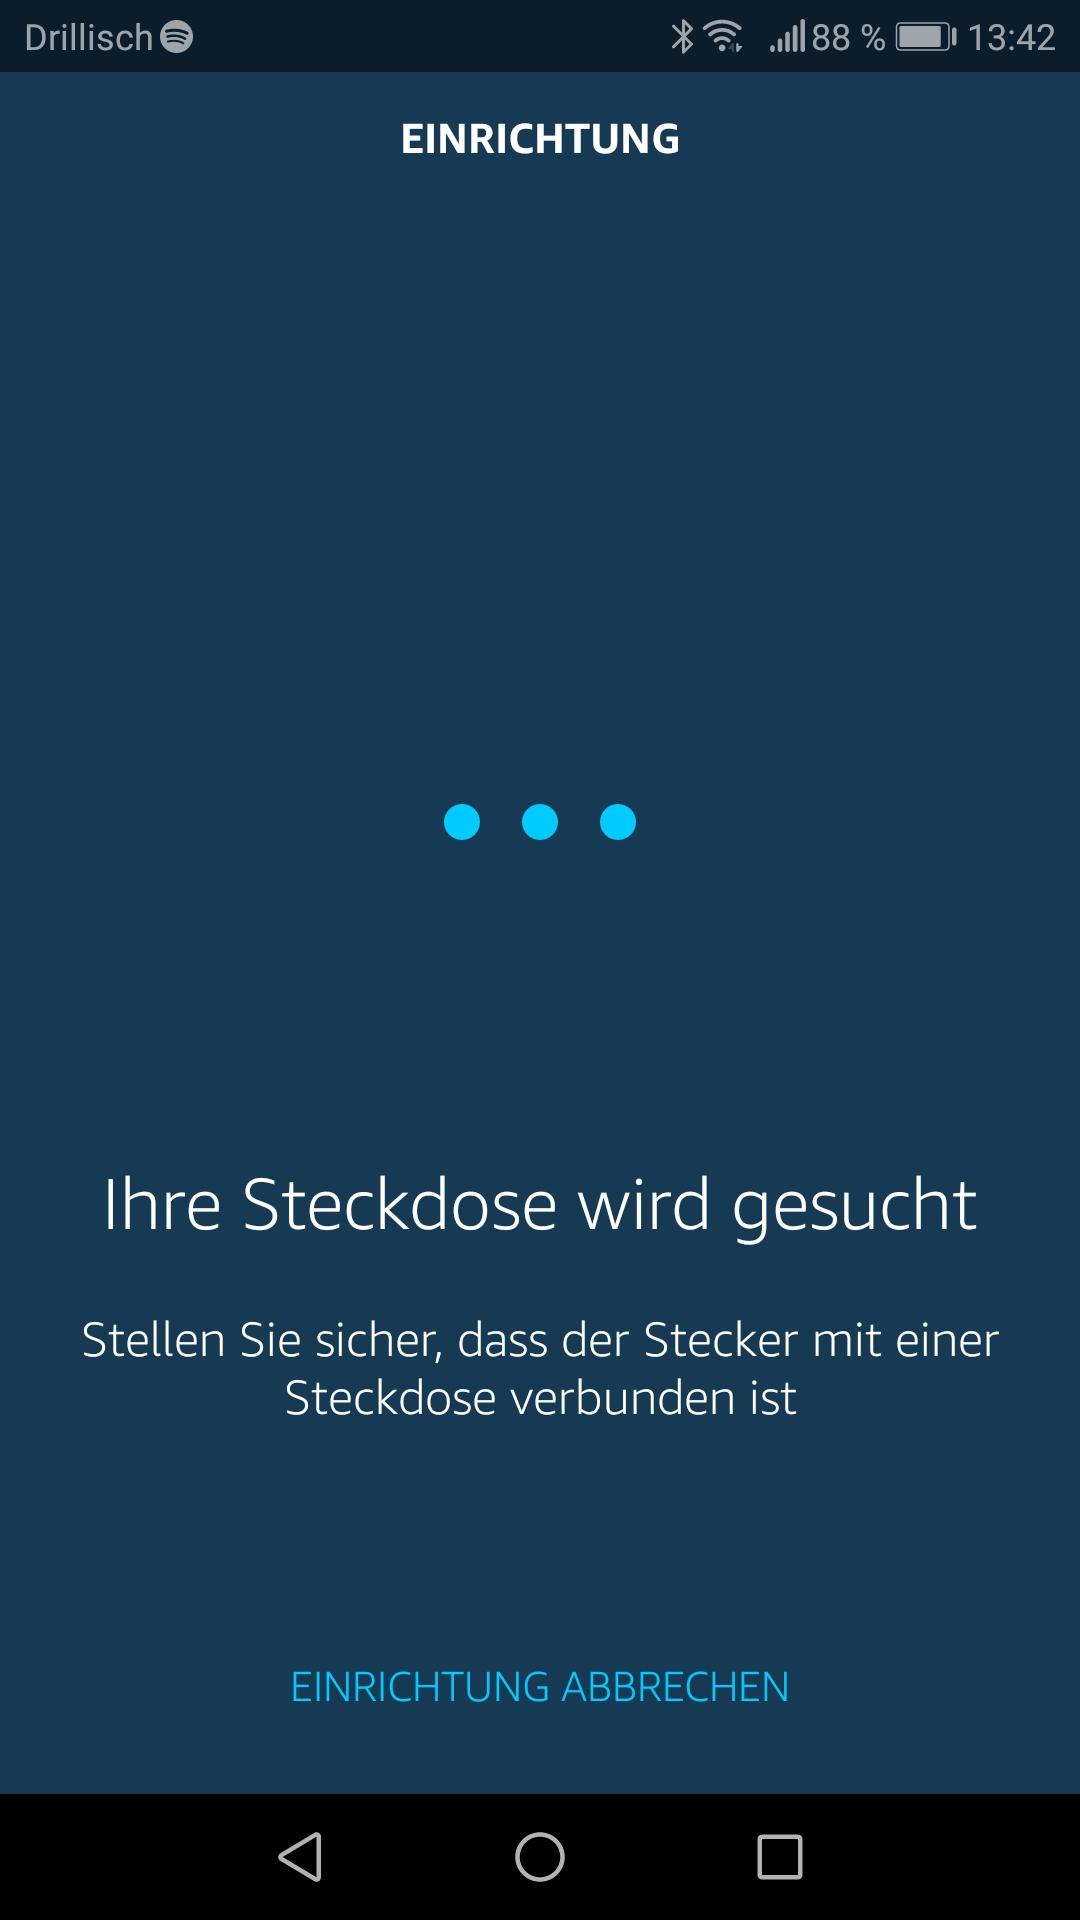 Smartphone App: Steckdose wird gesucht